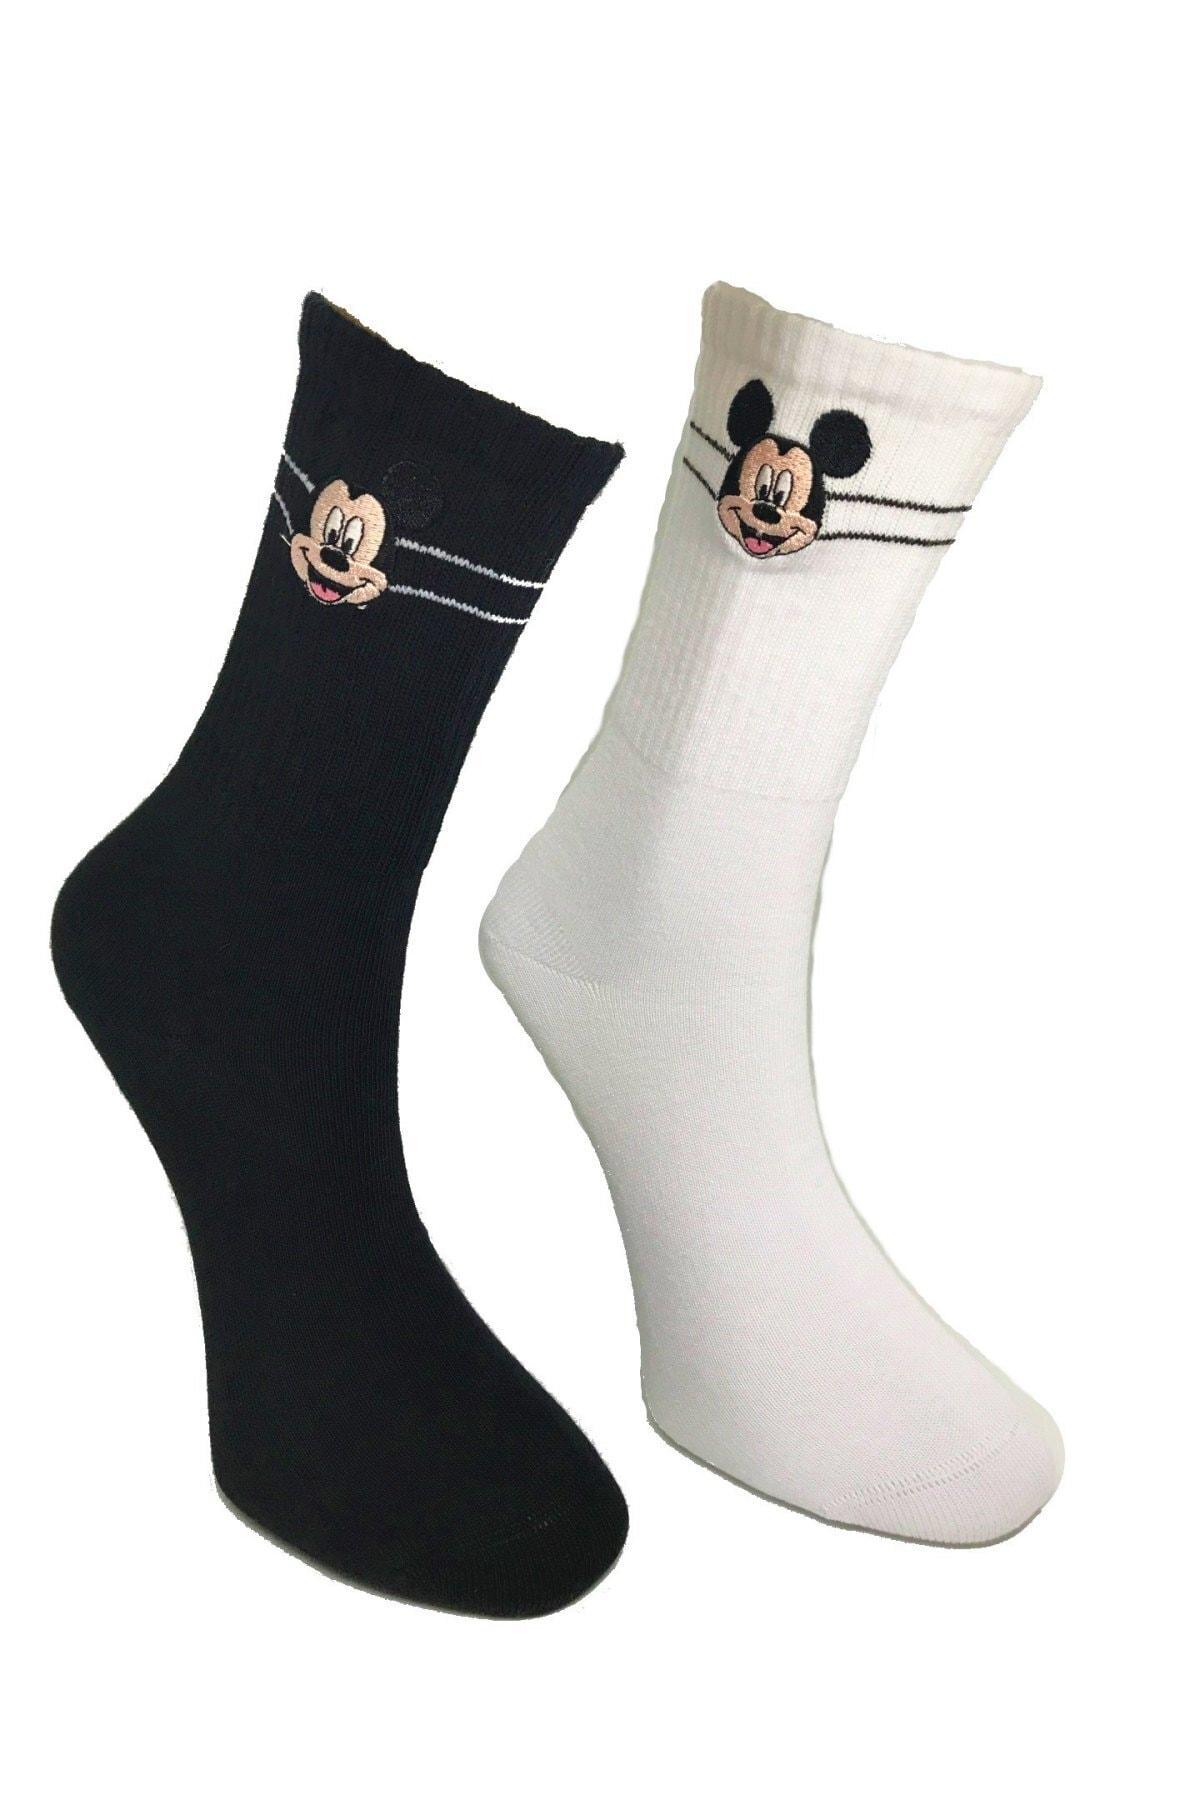 egs calze Mickey Mouse Nakışlı Ve Süblime Baskılı Özel Çorap Seti 3'lü 2